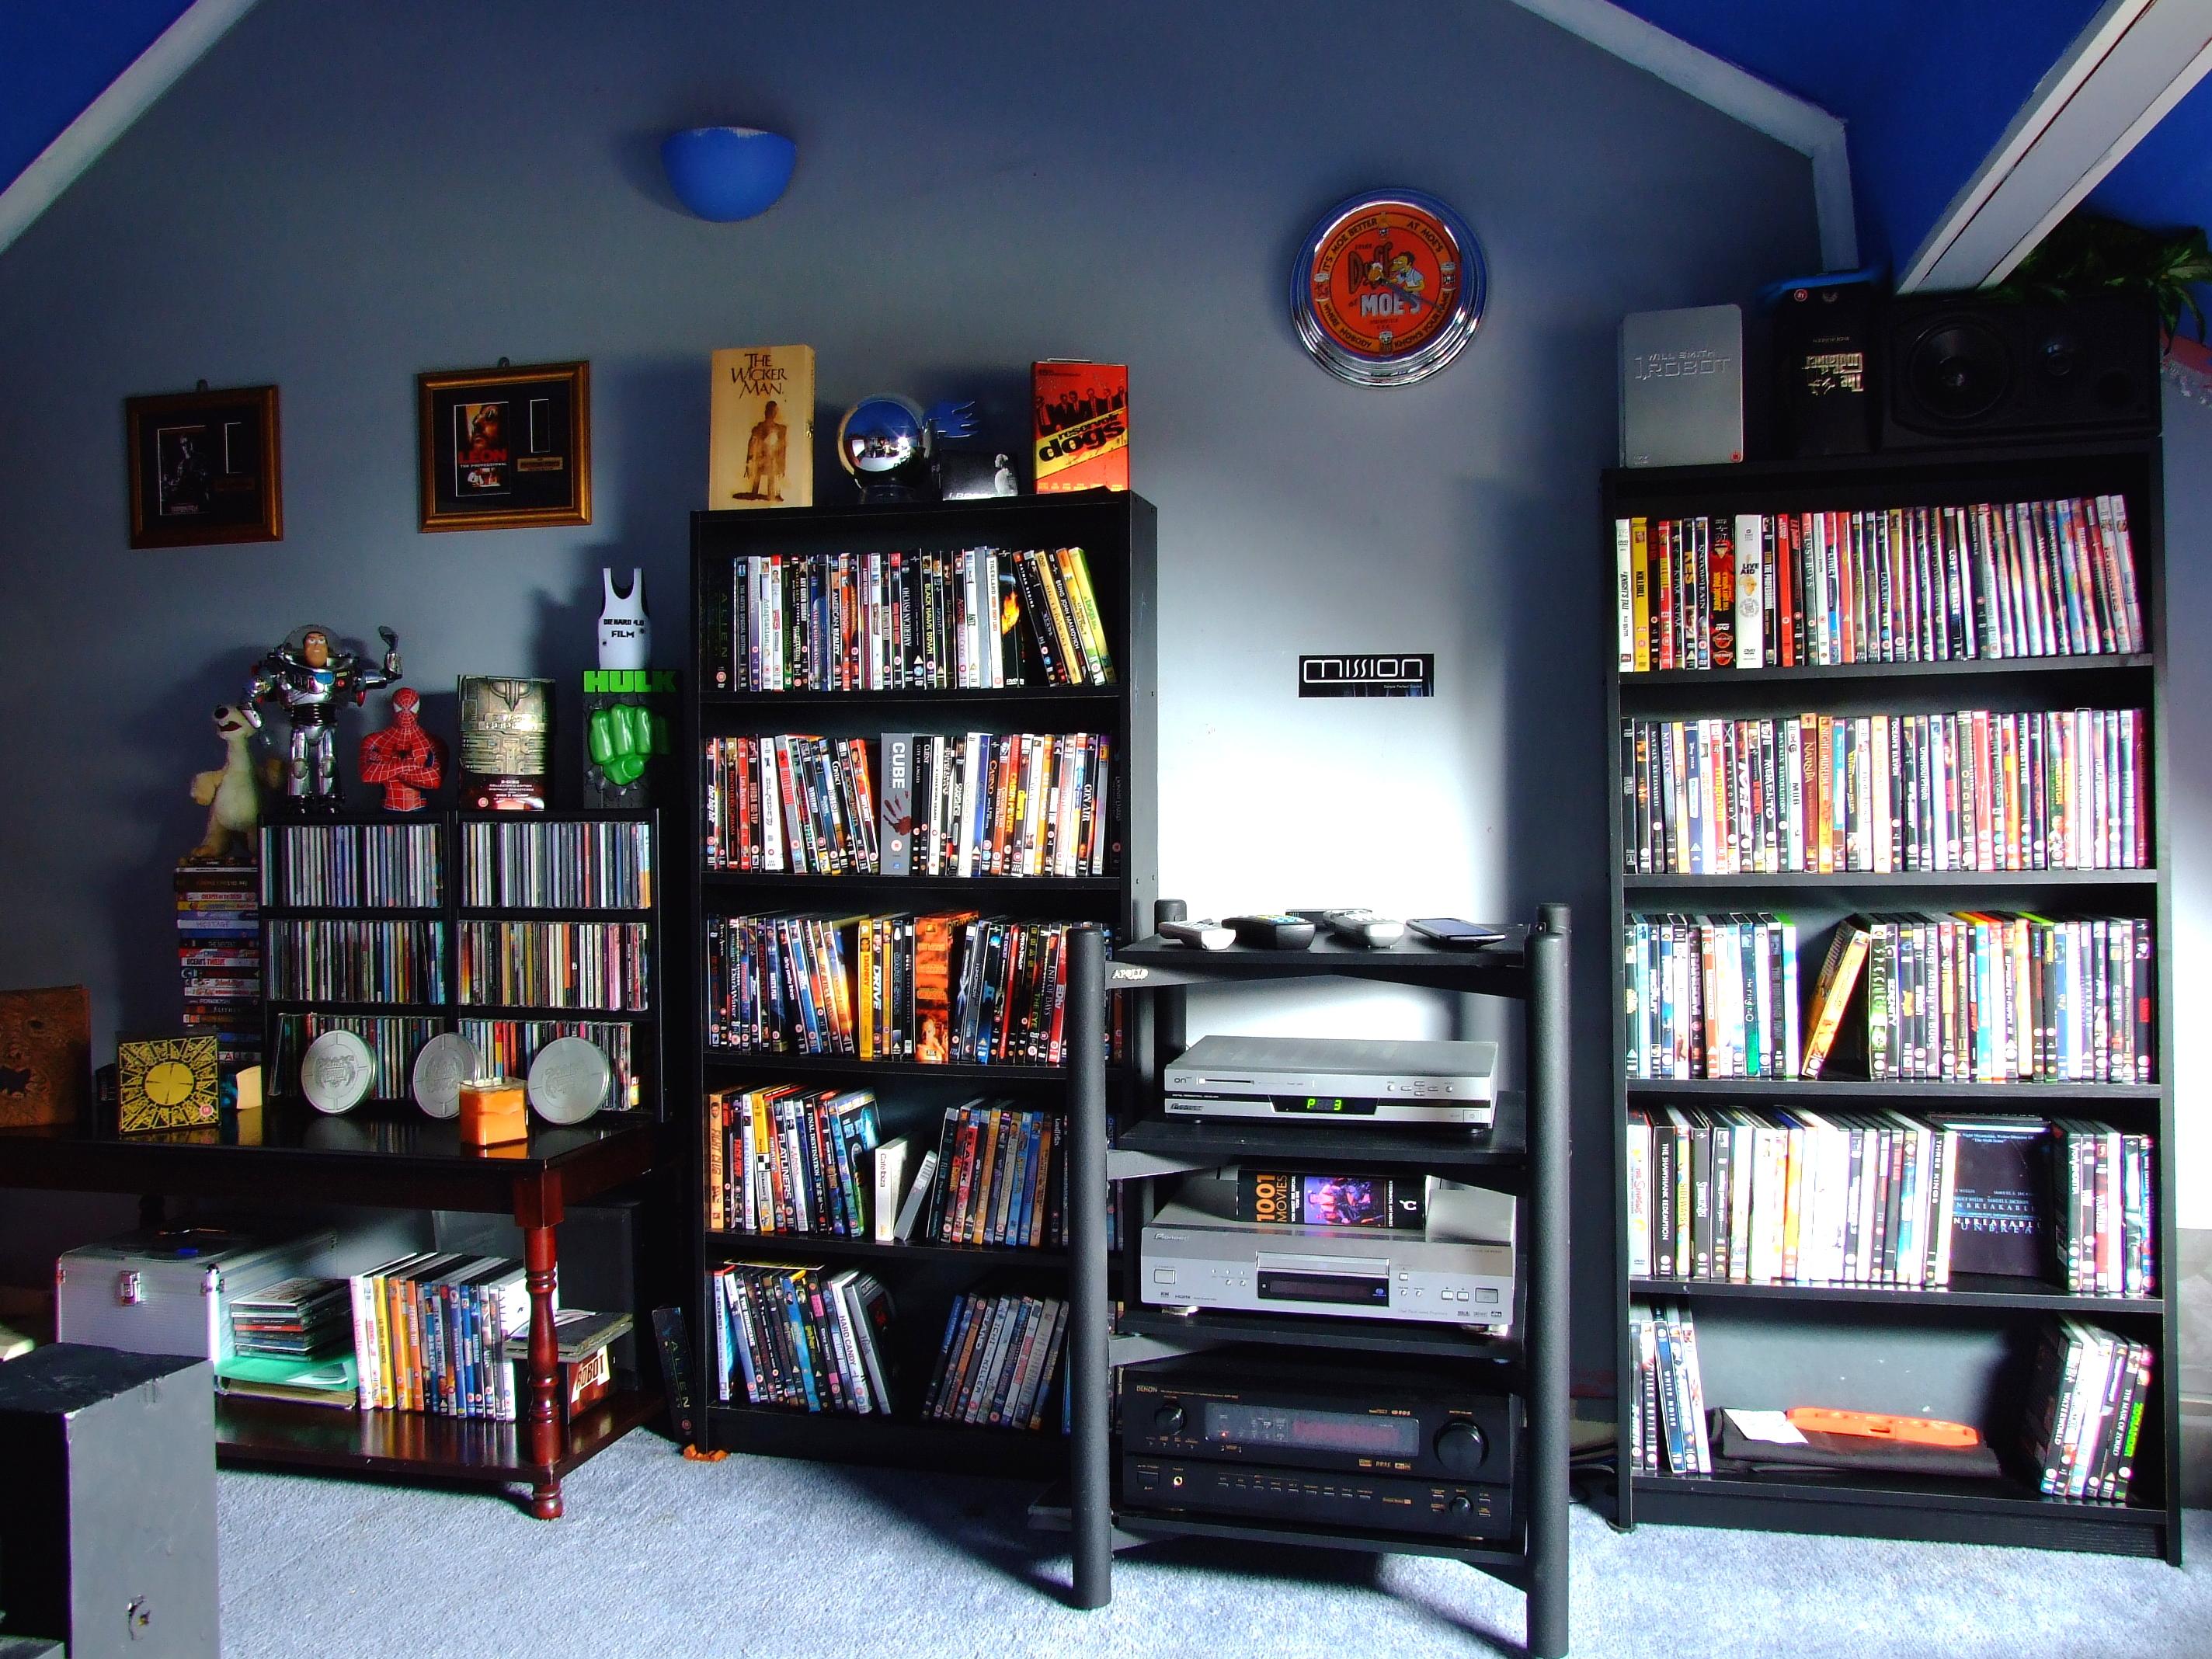 De Bibliotheek Kamer : Gratis afbeeldingen gebouw huis woonkamer meubilair kamer